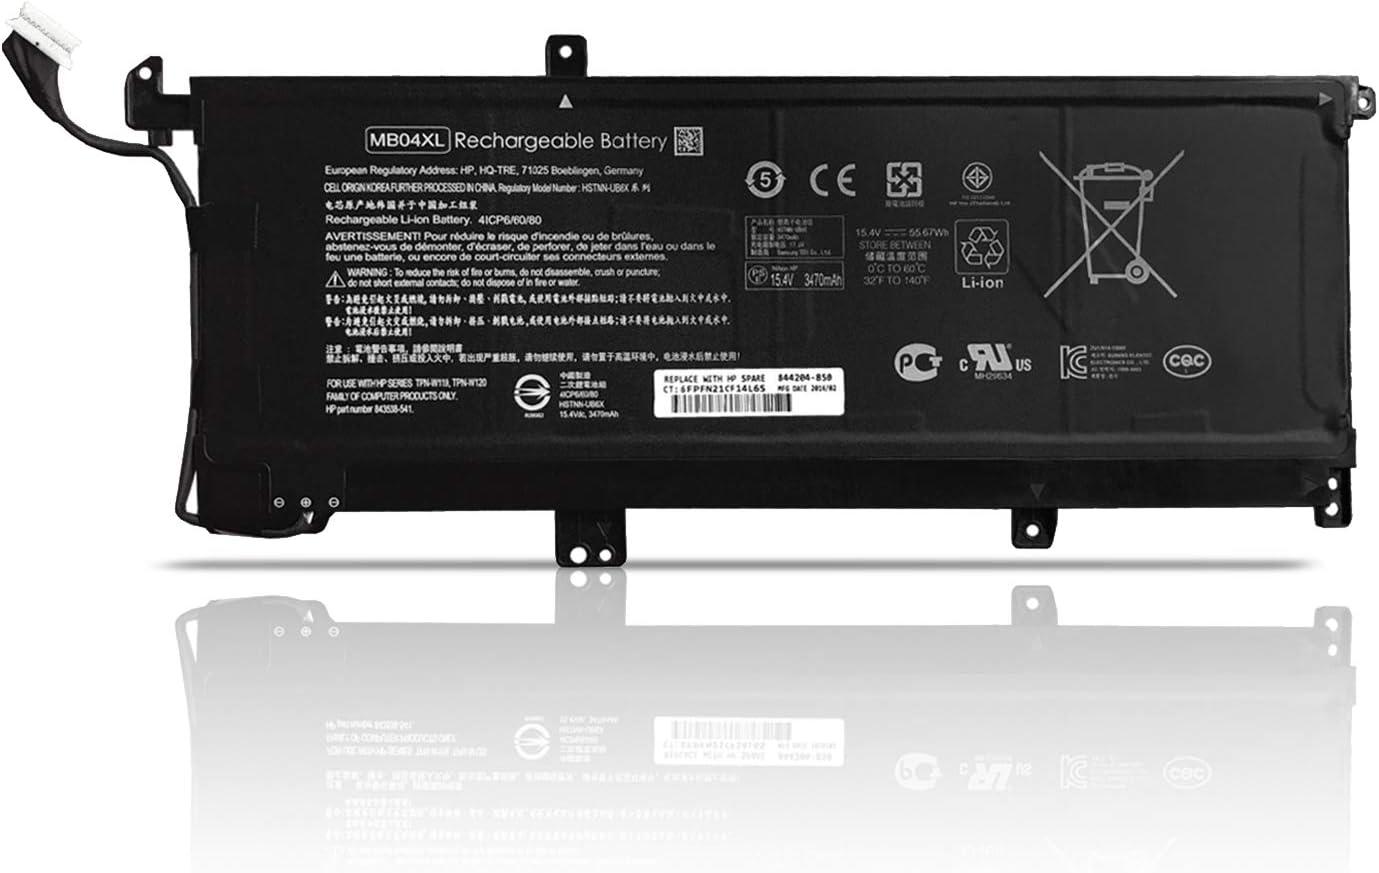 Dentsing 15.4V 55.67Wh MB04XL HSTNN-UB6X Laptop Battery Replacement for HP Envy X360 15-AQ102NA 15-AR002UR M6-AR004DX M6-AQ103DX PC 15 Convertible Series 844204-850 843538-541